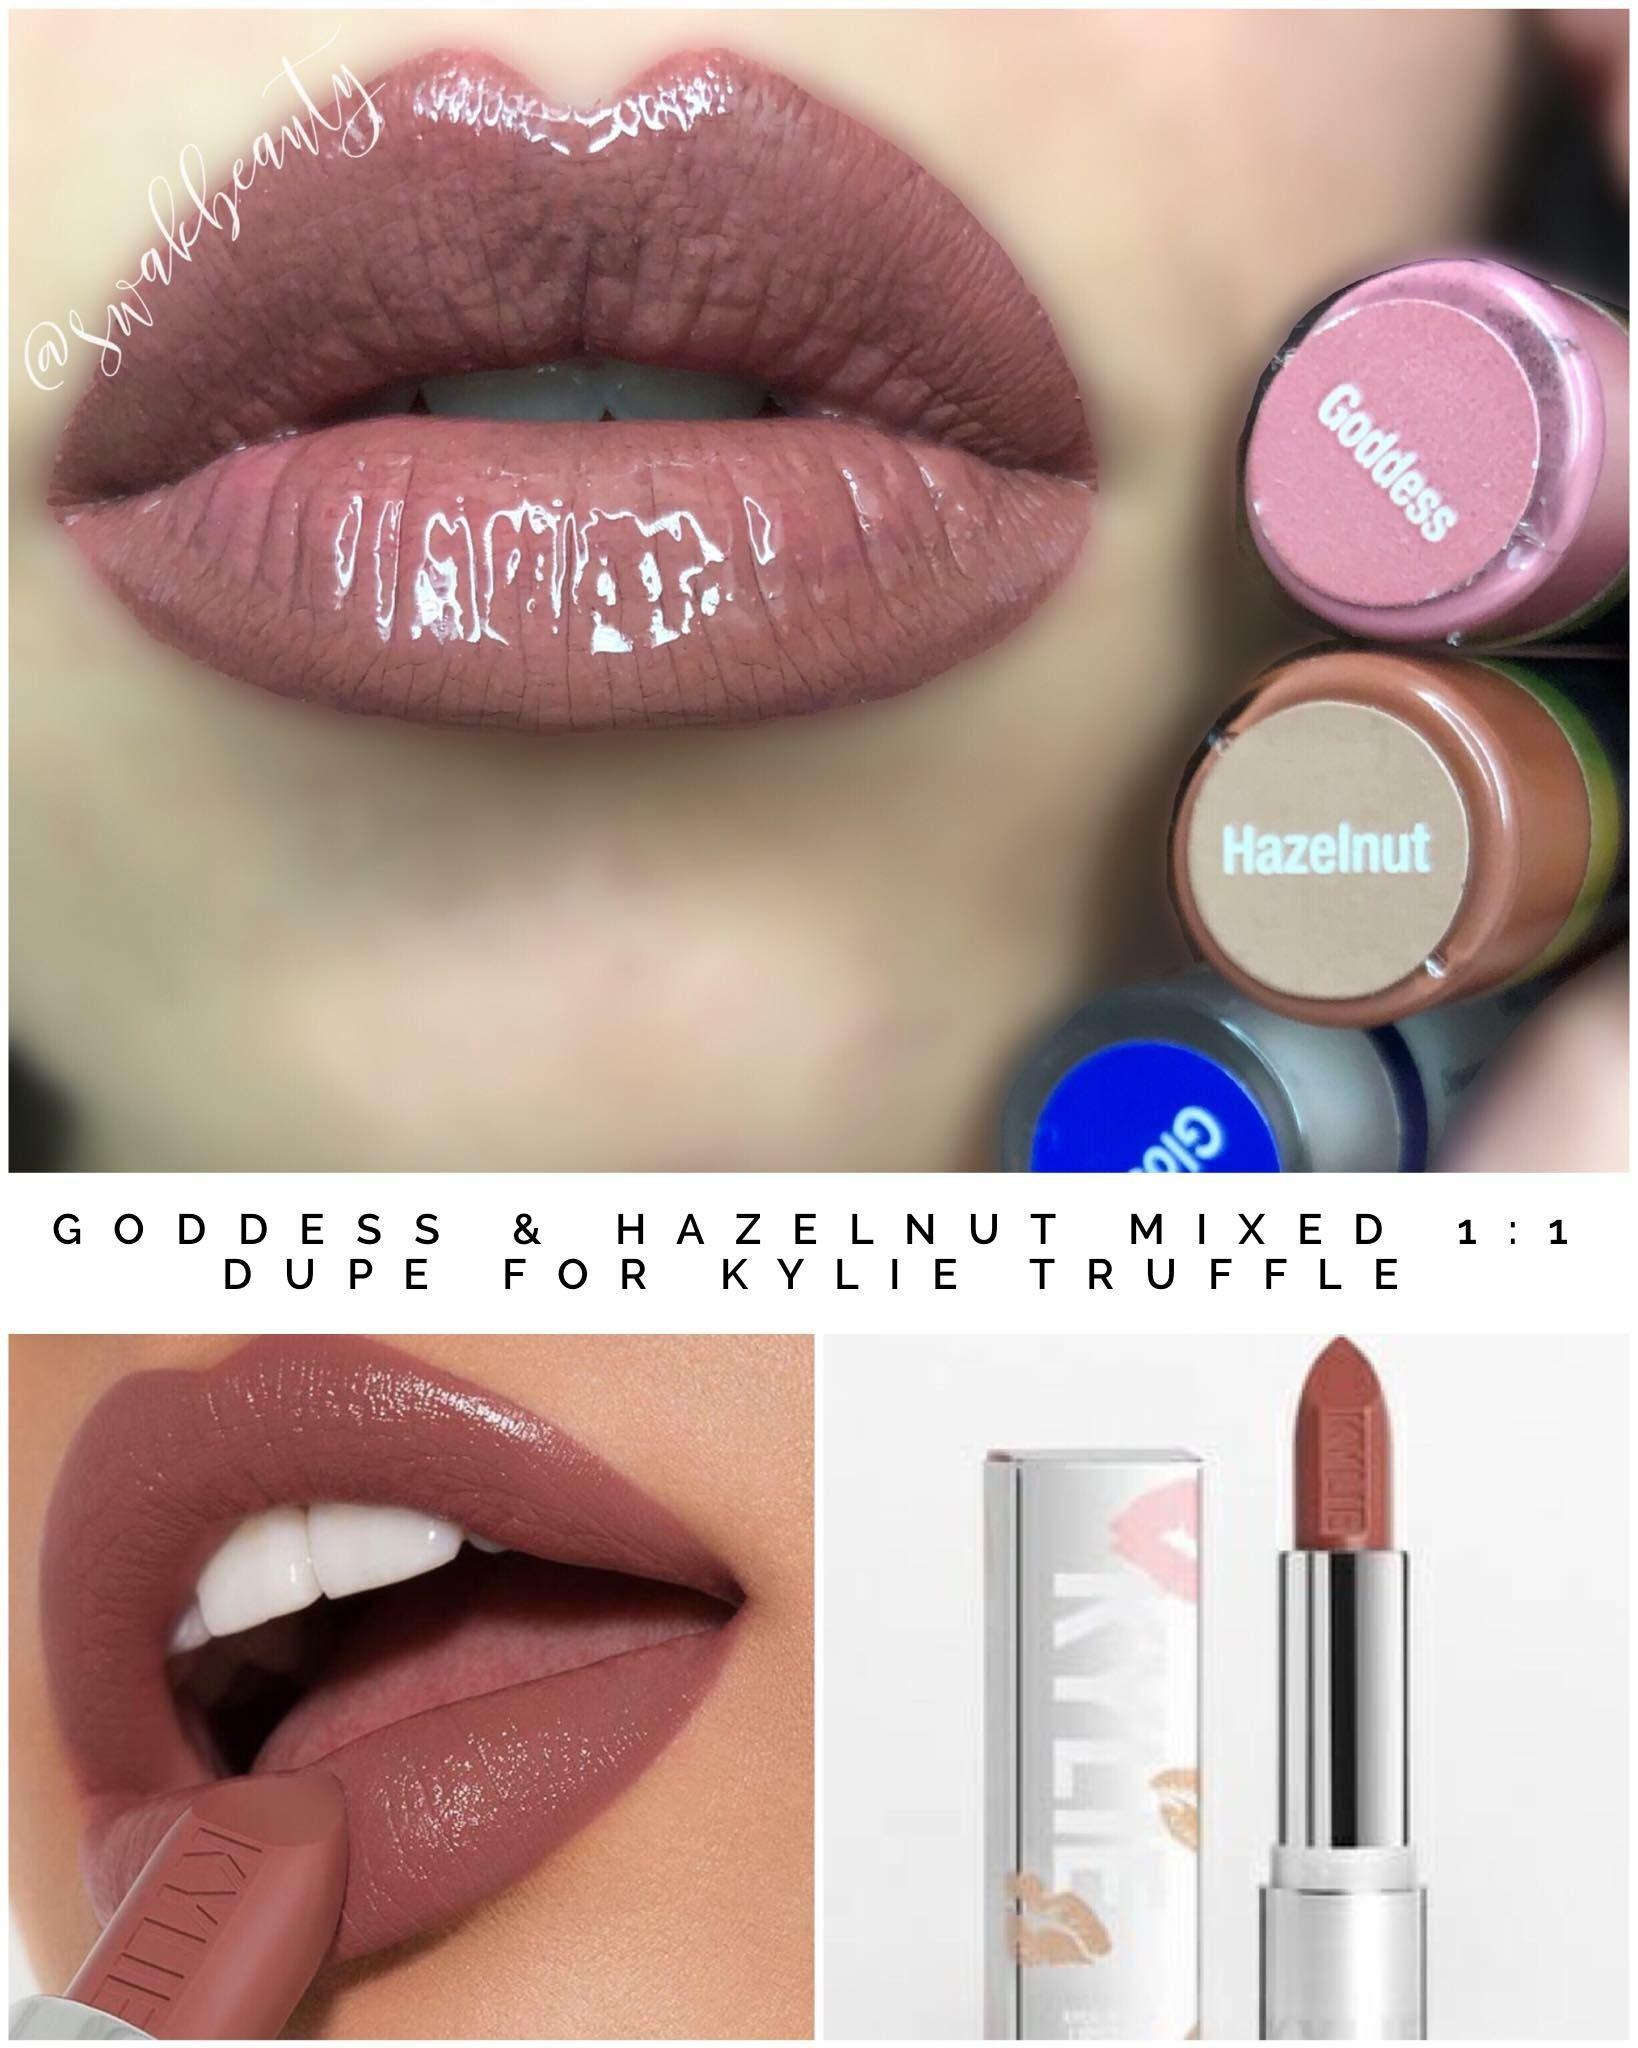 LipSense Combo To Make Kylie Jenner Dupe TRUFFLE Lipstick